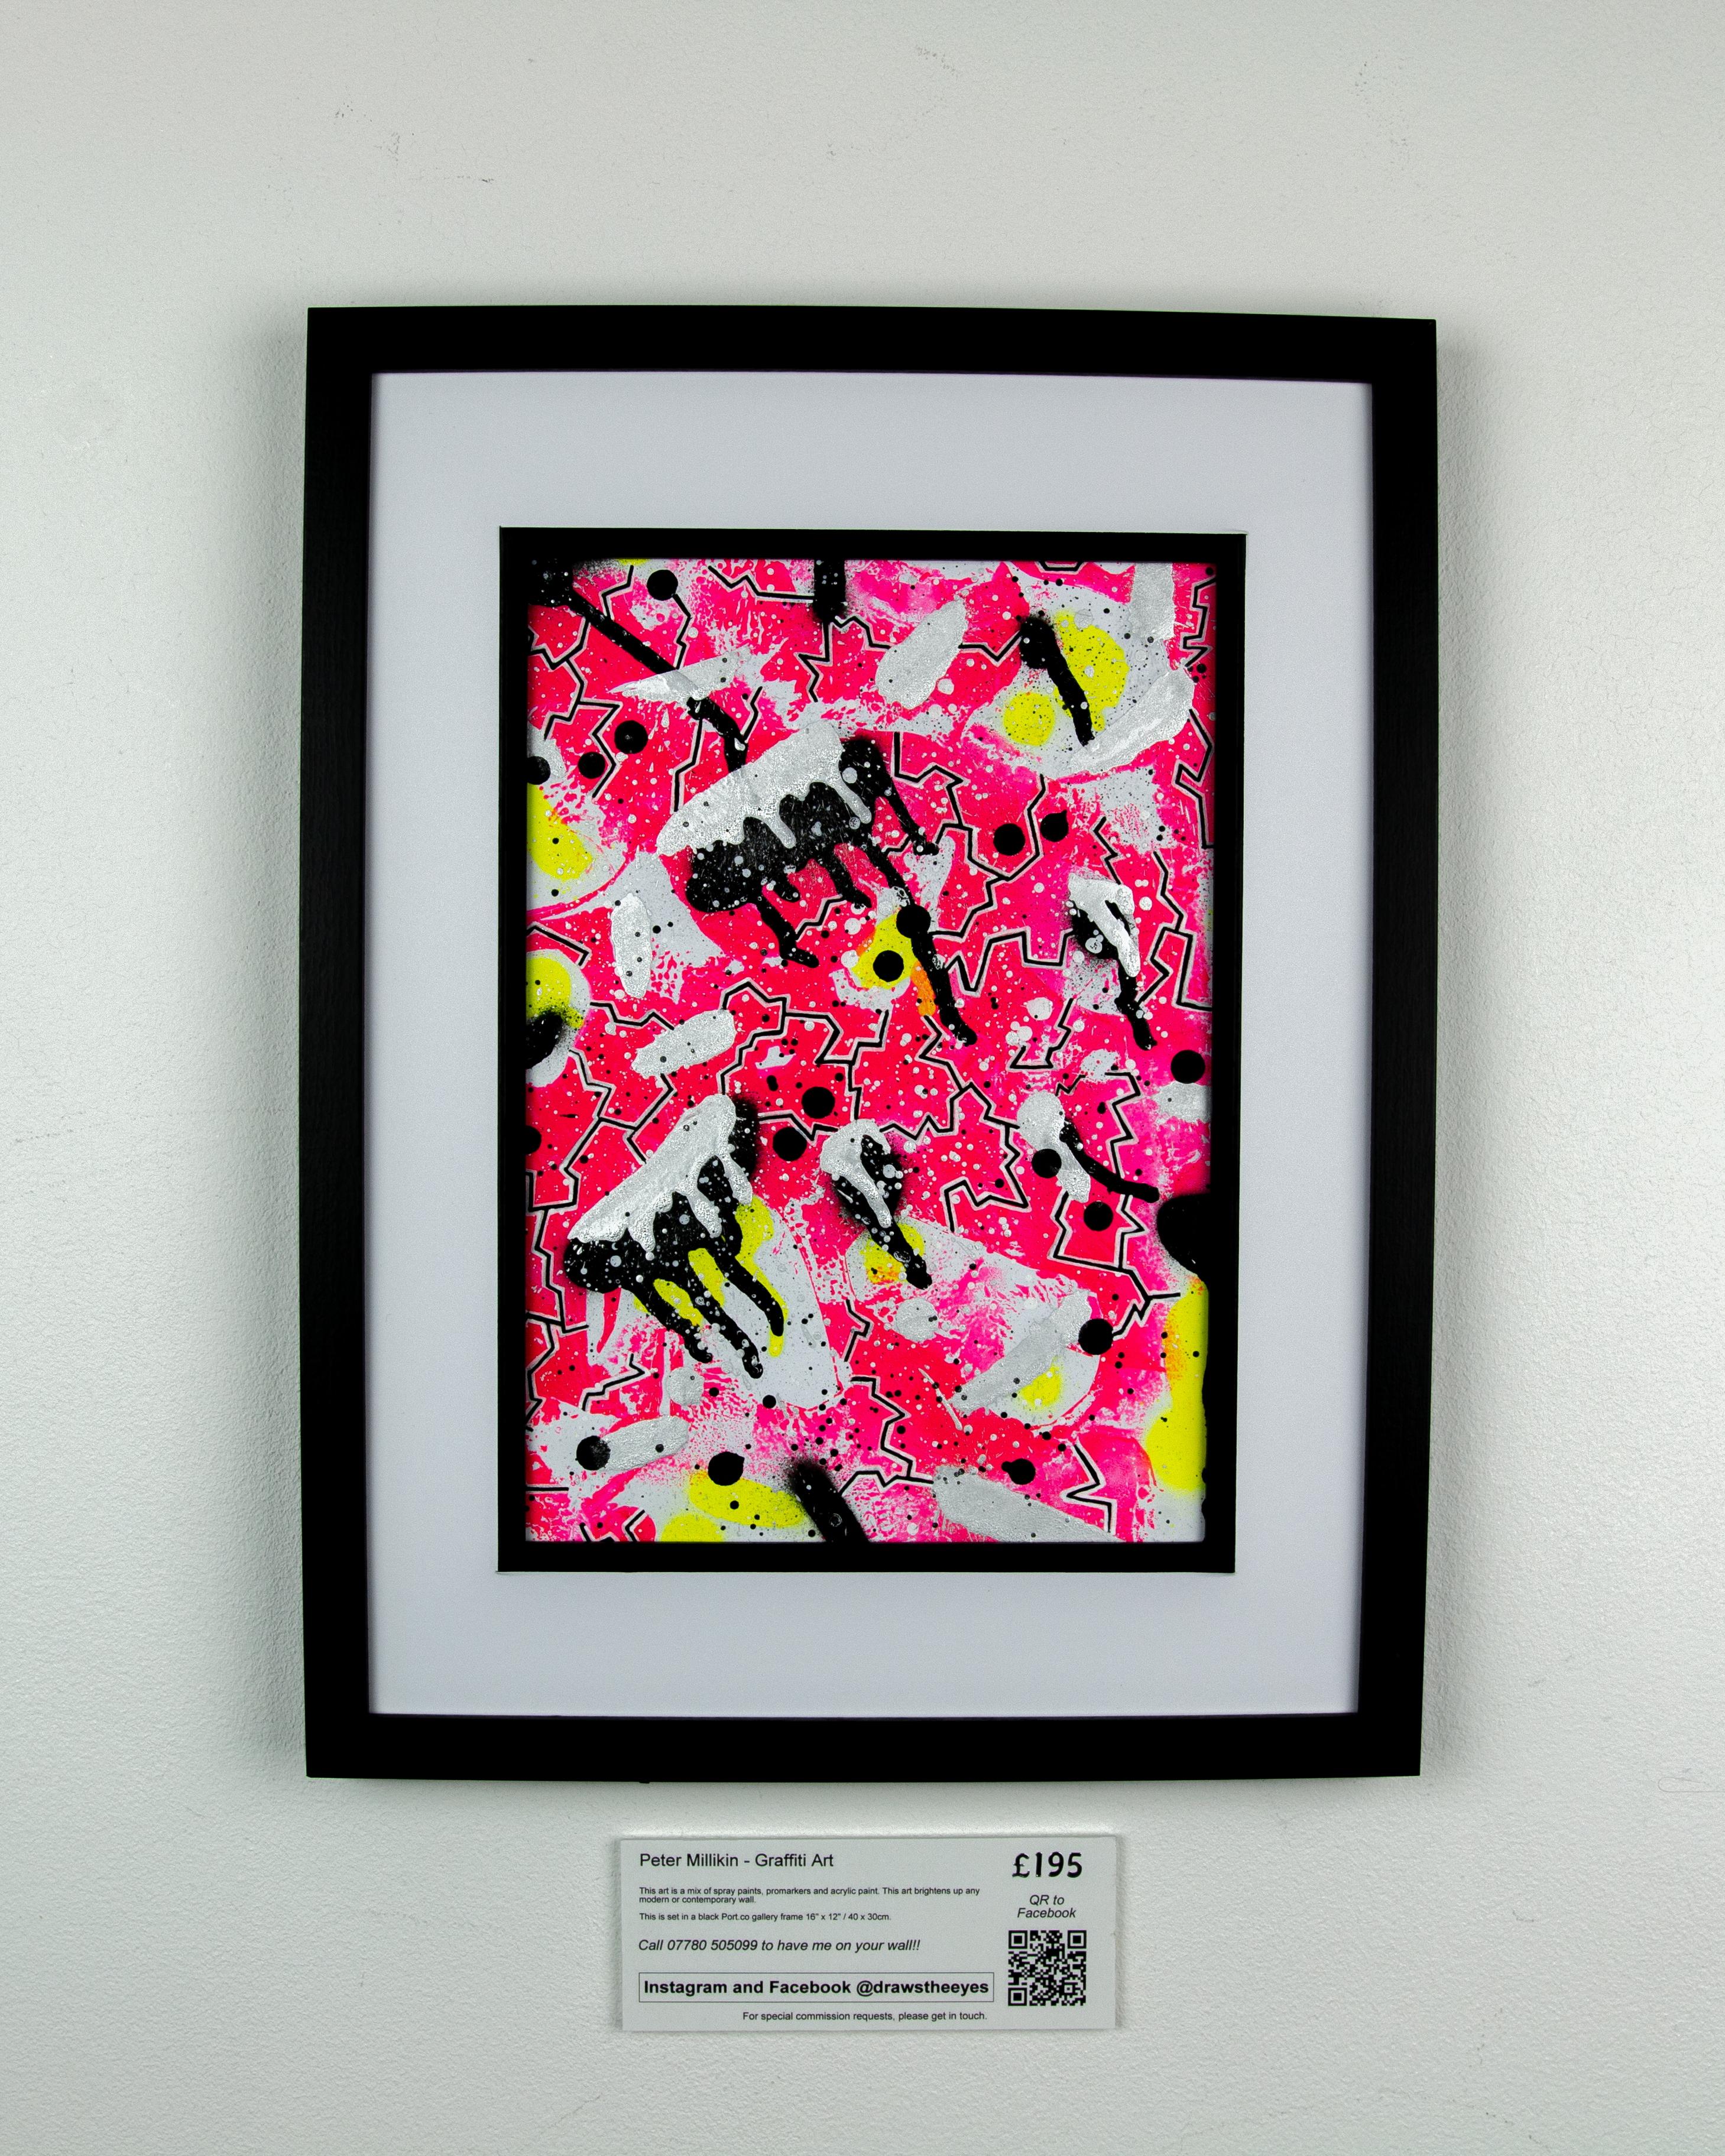 Framed A4 Spray Paint On Card – Marina Vista 02